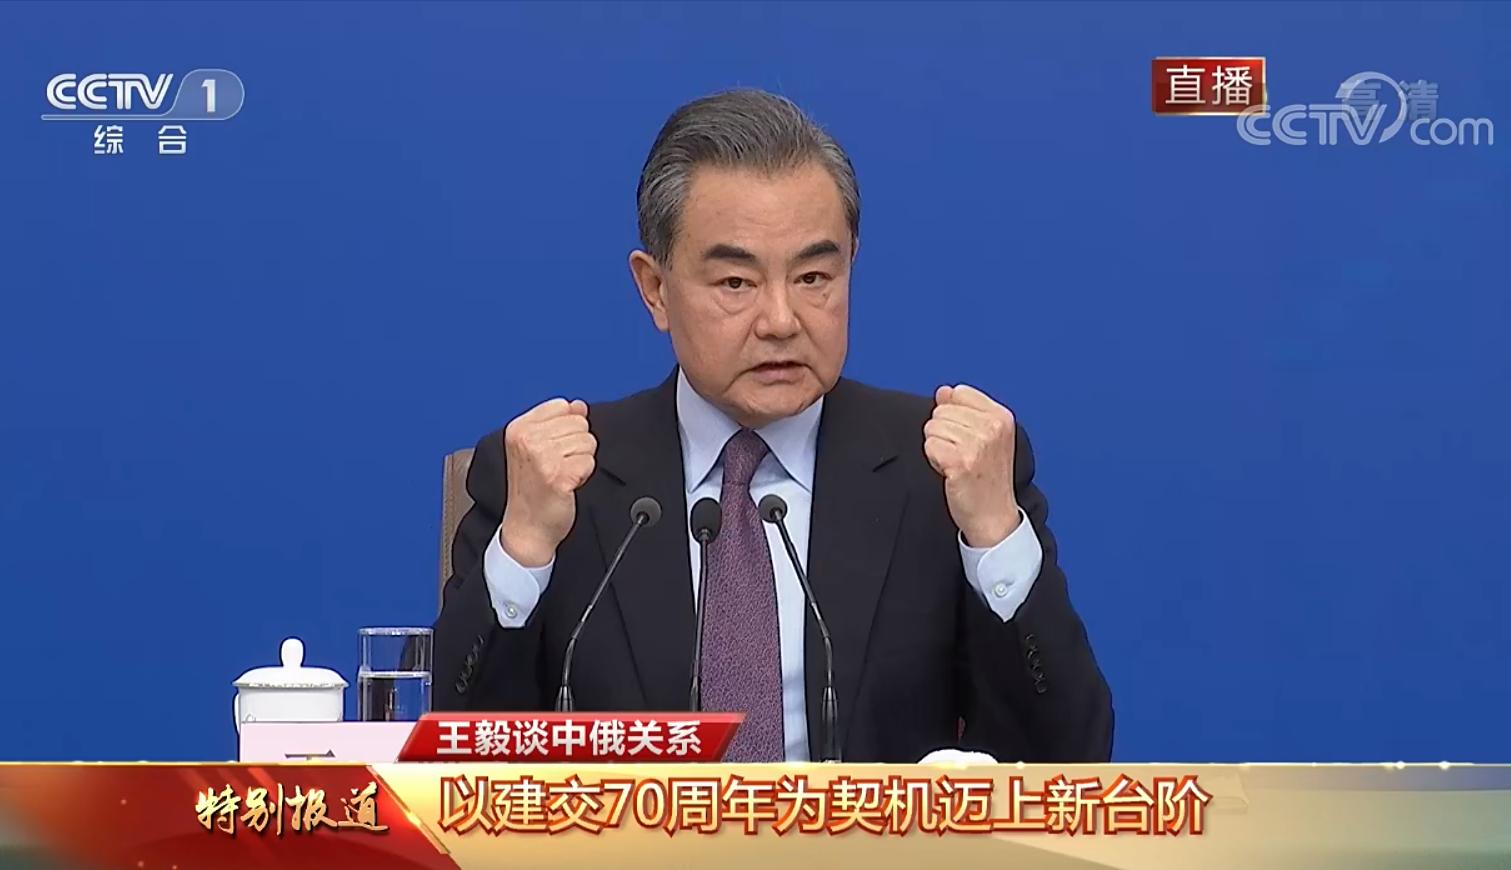 外交部长王毅被查_走过70年,中俄合作意义非同寻常 - 海外网